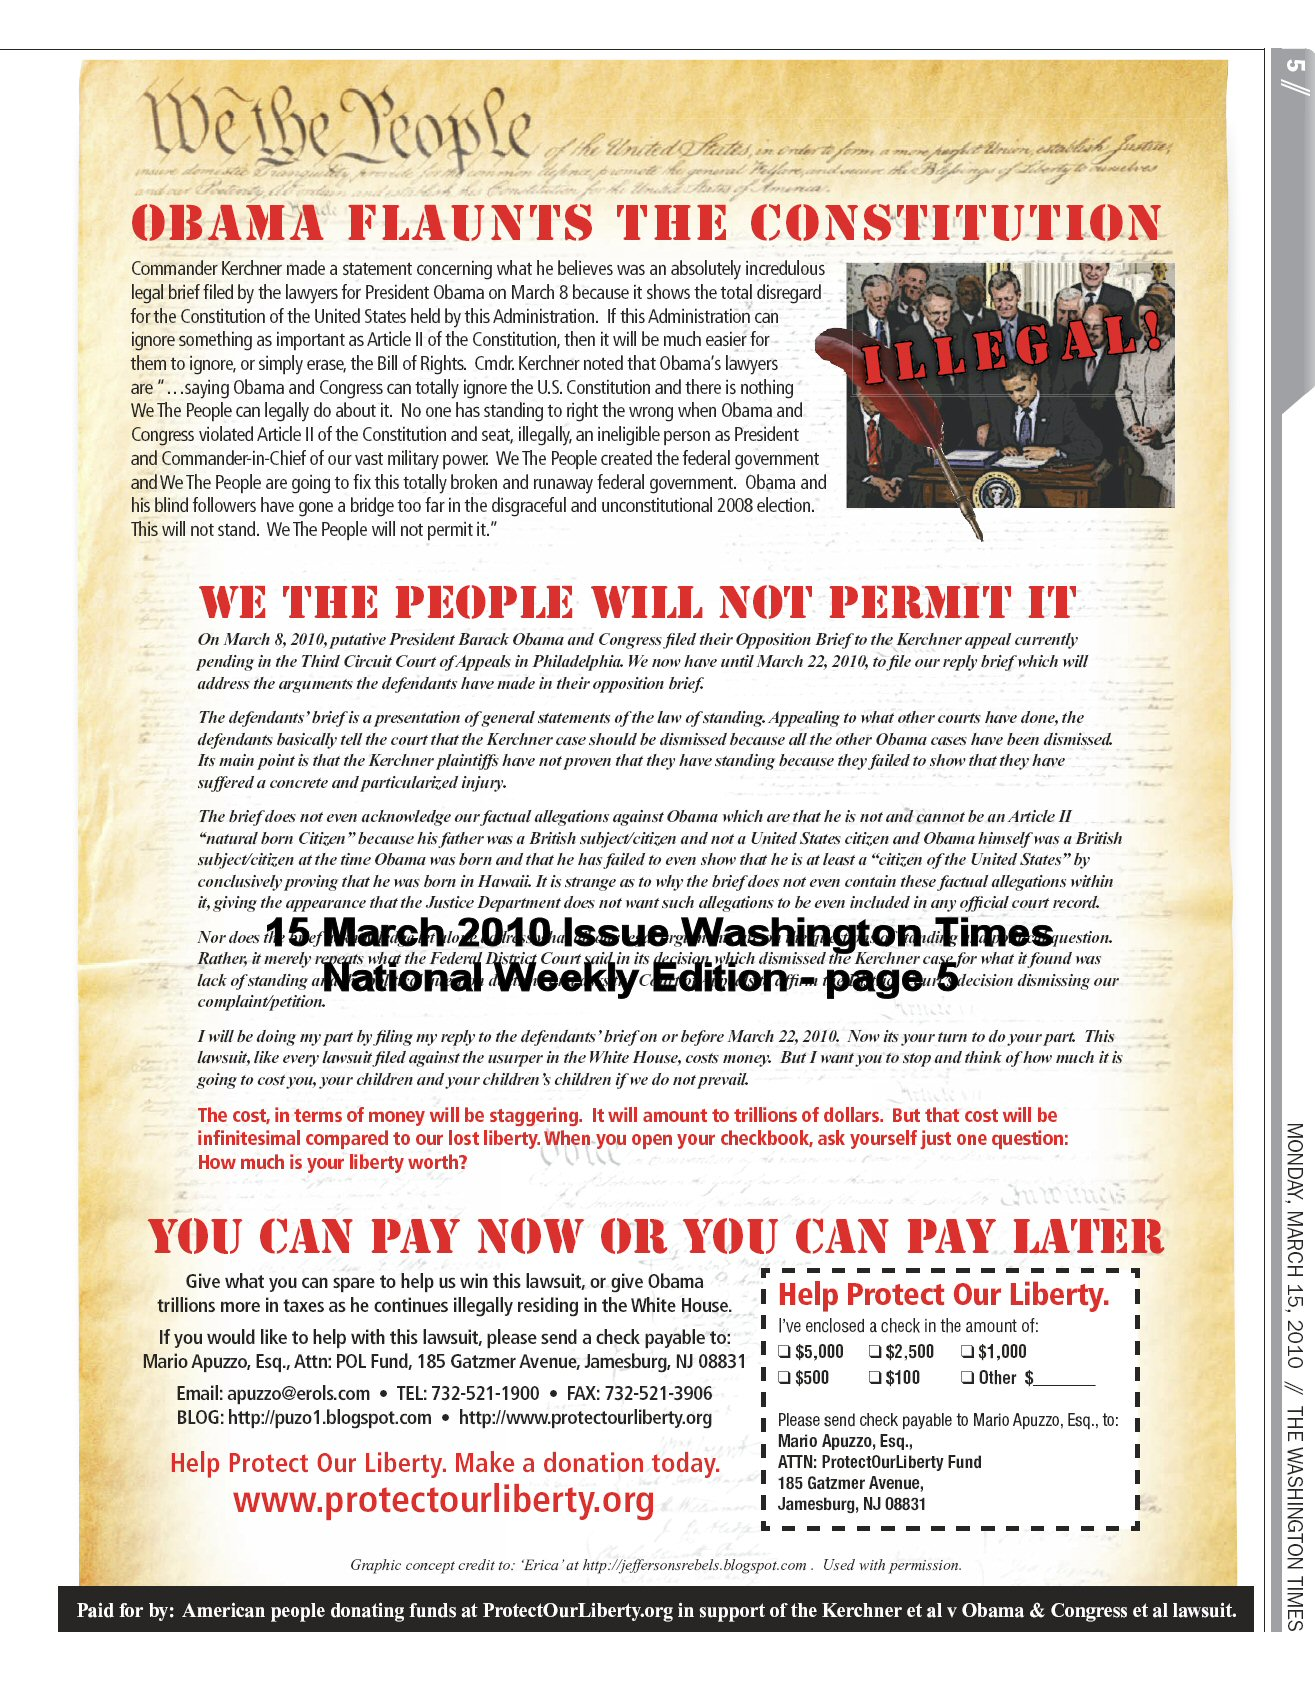 Obama Flaunts Constitution